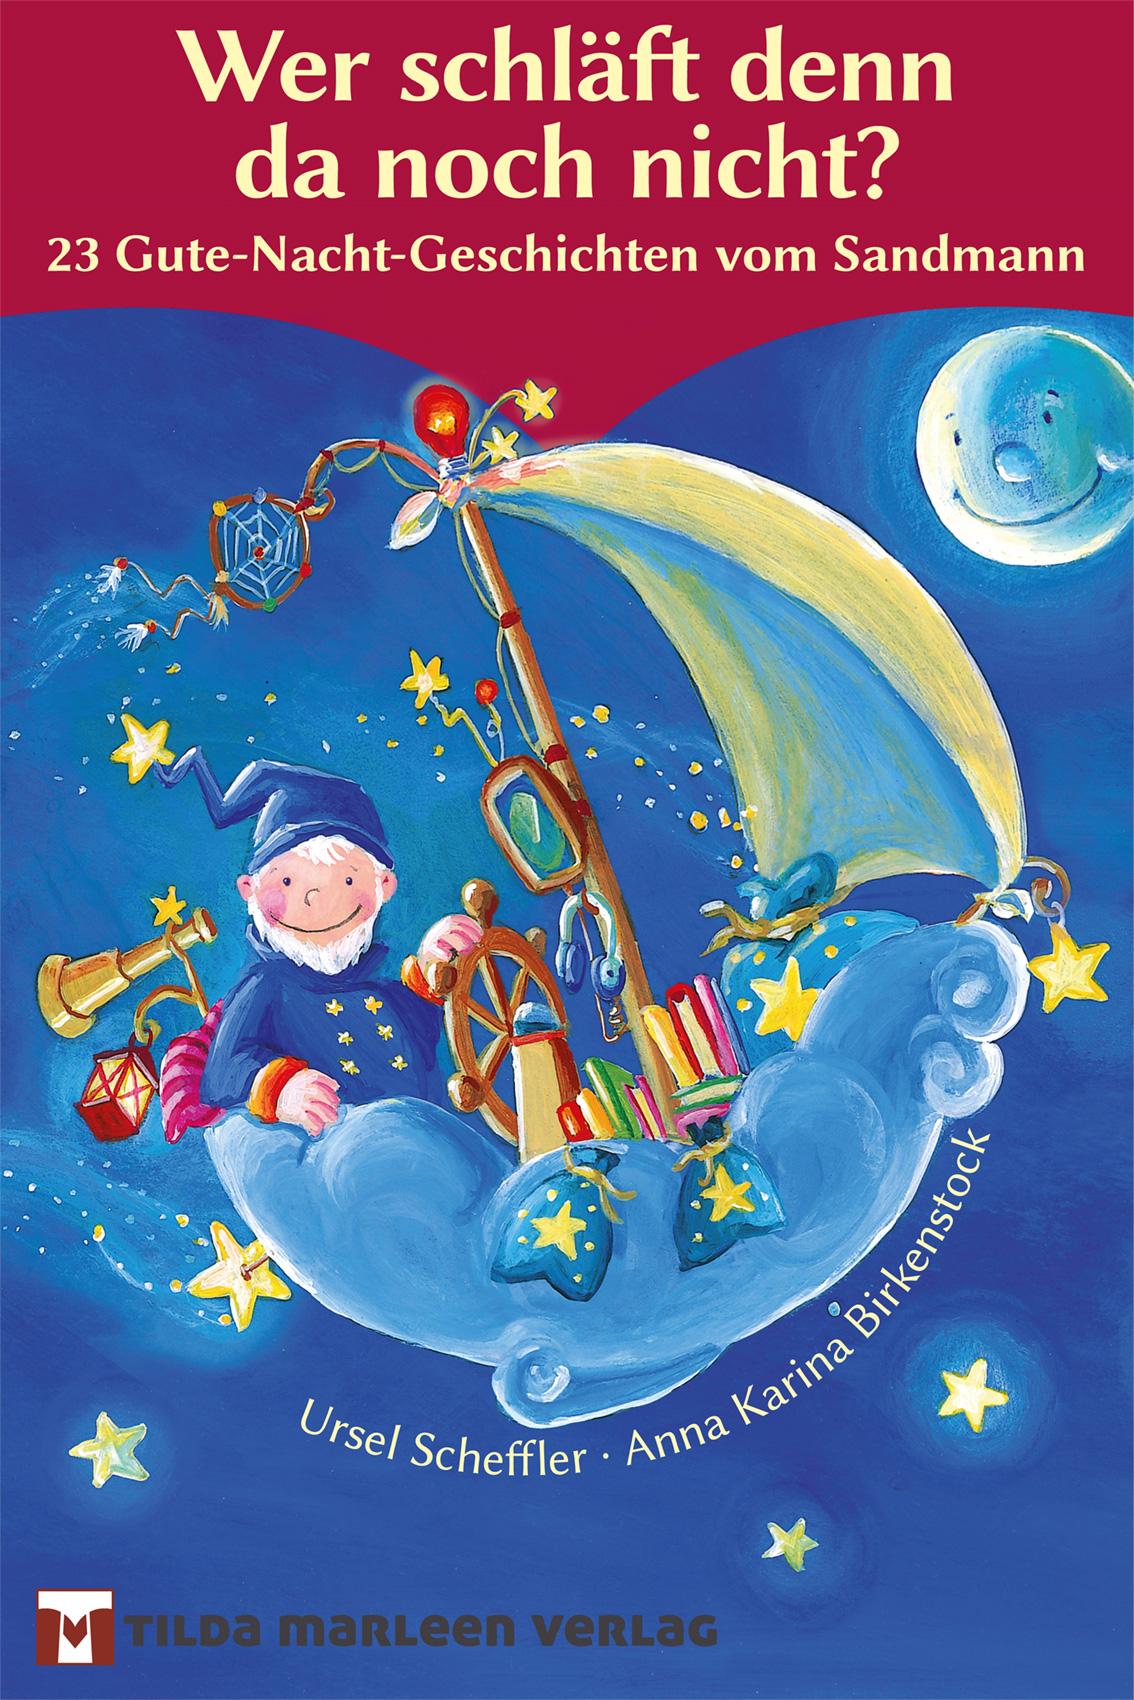 Das eBook (mit fliegenden Schmetterlingen!) ist im Tilda Marleen Verlag erhältlich